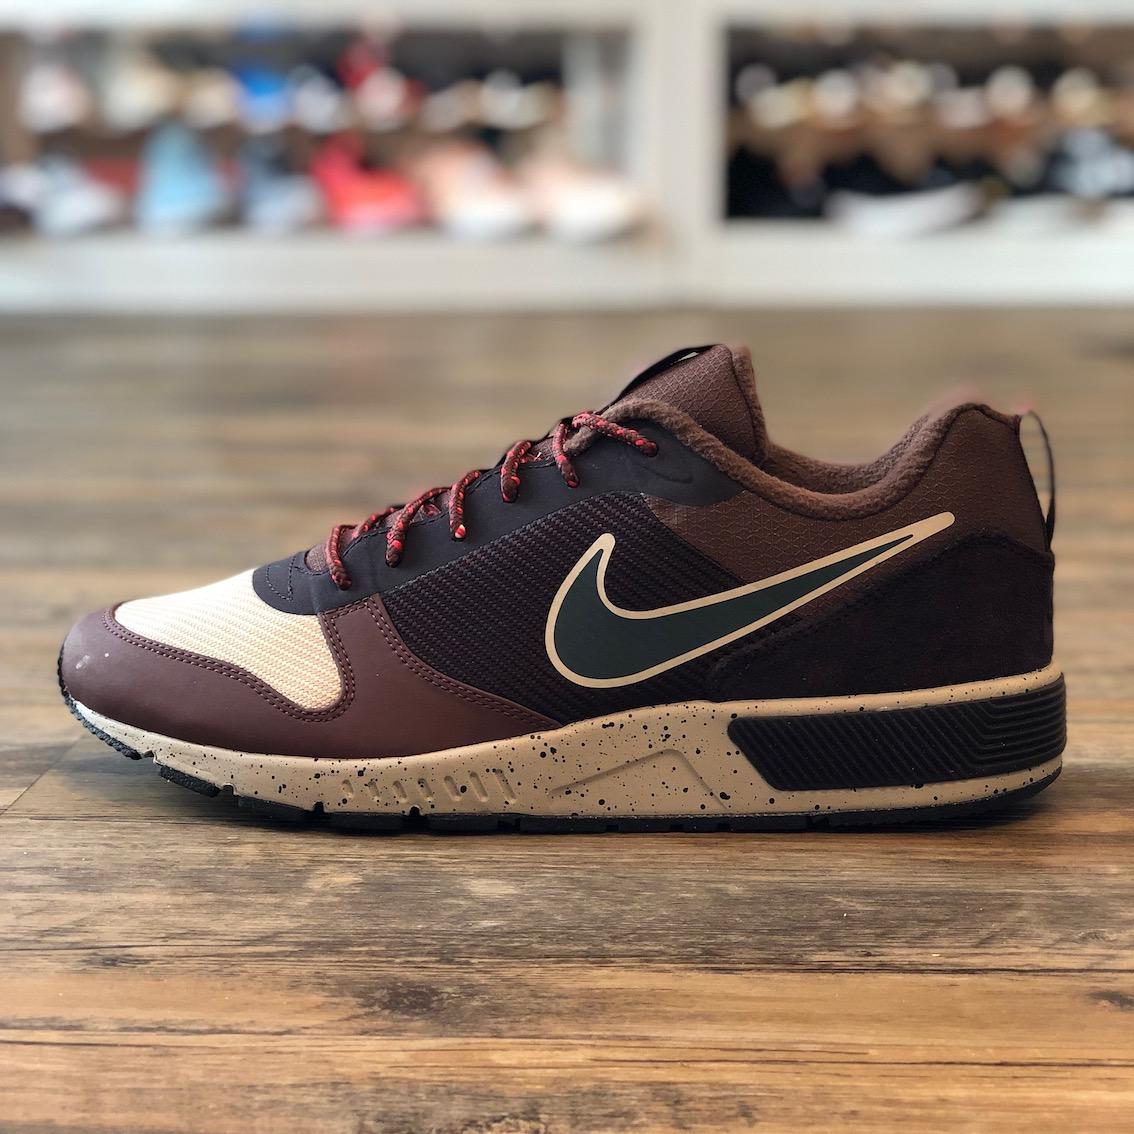 Details about Nike Nightgazer Gr.42,5 Schuhe Sneaker braun Vortex 916775 201